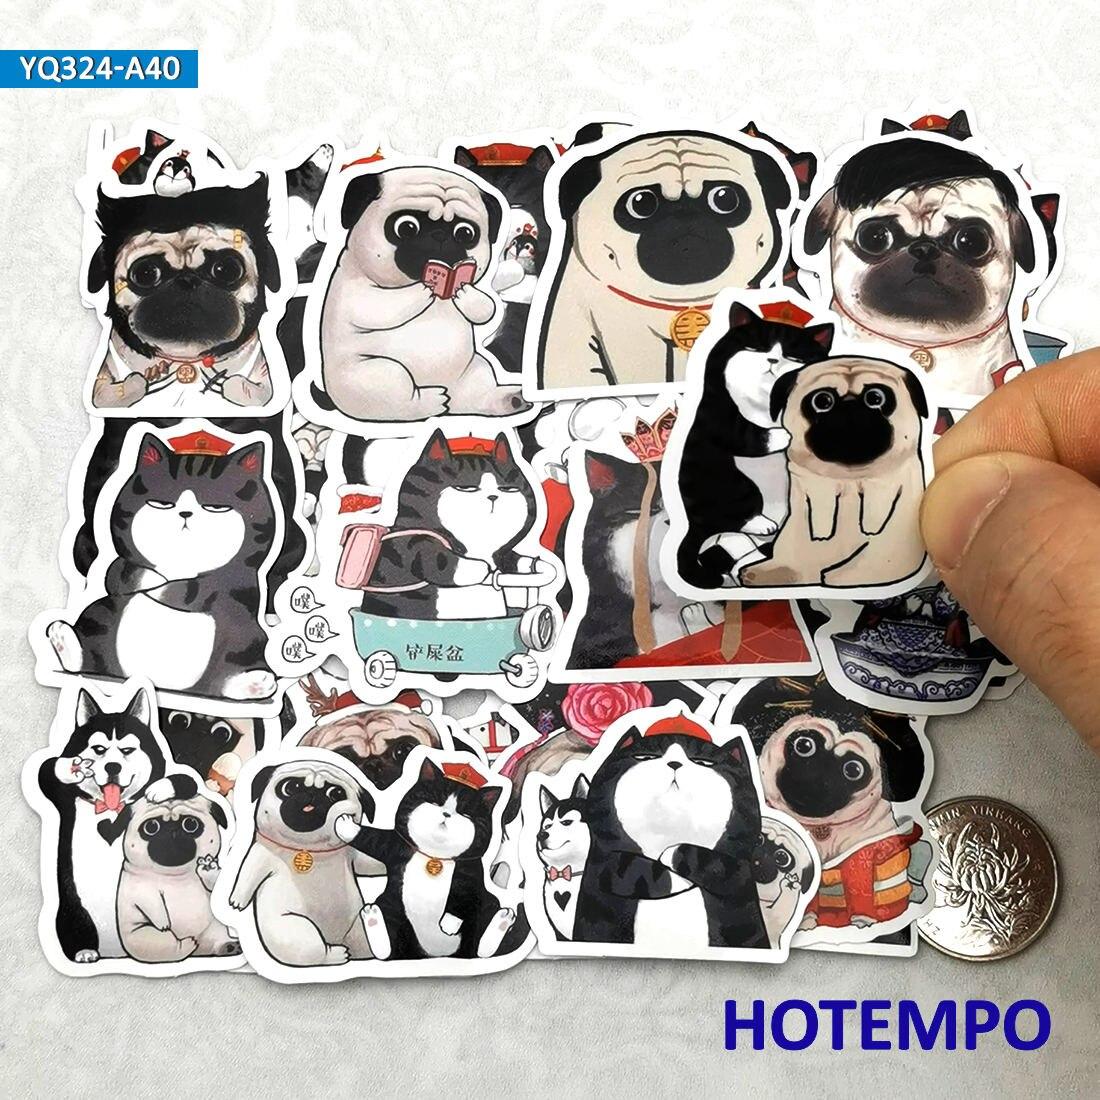 40 pçs gato bonito imperador senhor cão cosplay anime diário adesivos para papelaria scrapbook telefone móvel portátil dos desenhos animados decalque adesivos